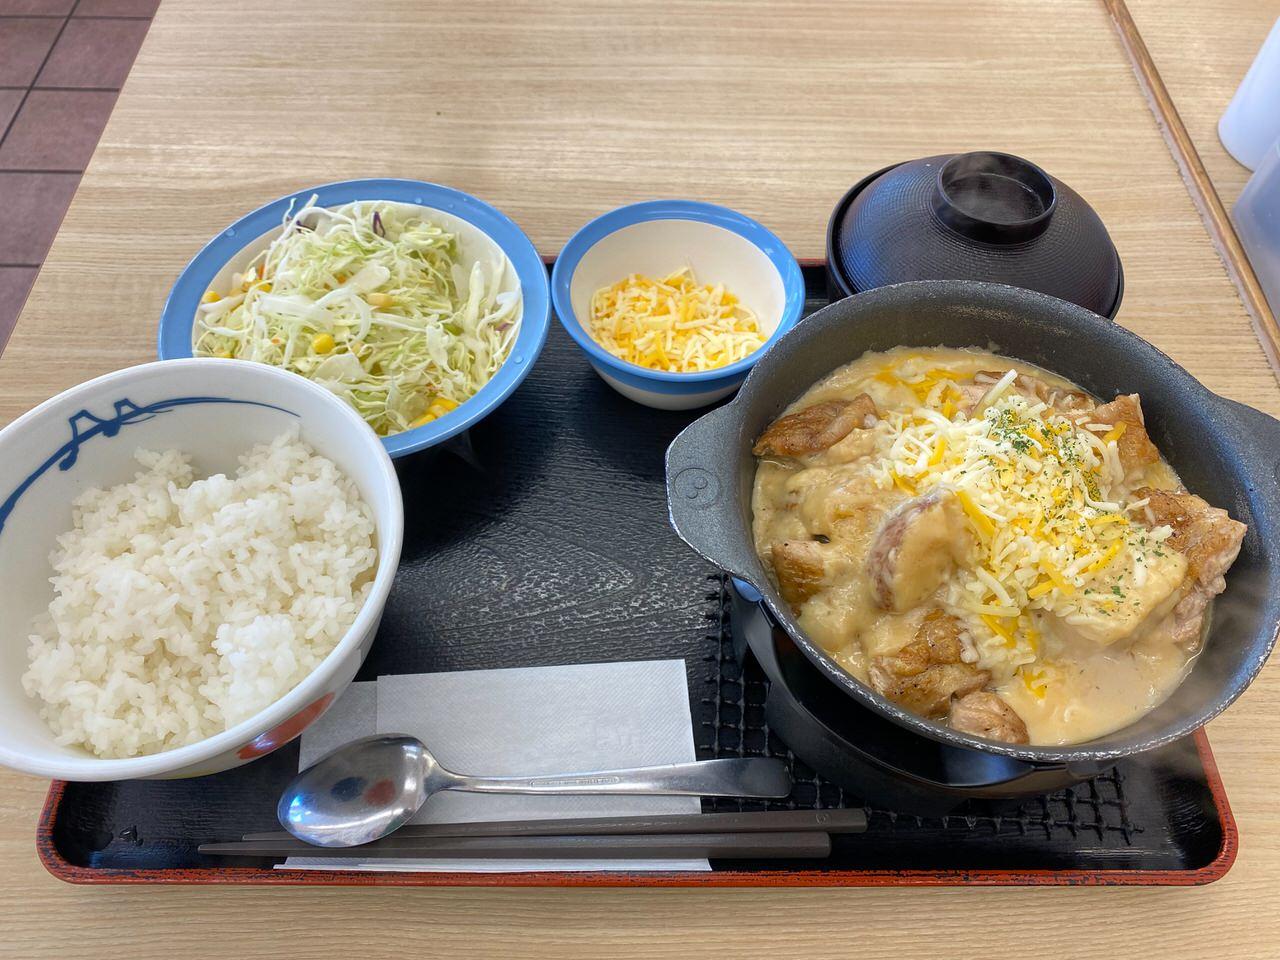 【松屋】復活した「シュクメルリ鍋」ニンニクチーズにさらに追いチーズ!最後の一口まで美味すぎた! 03